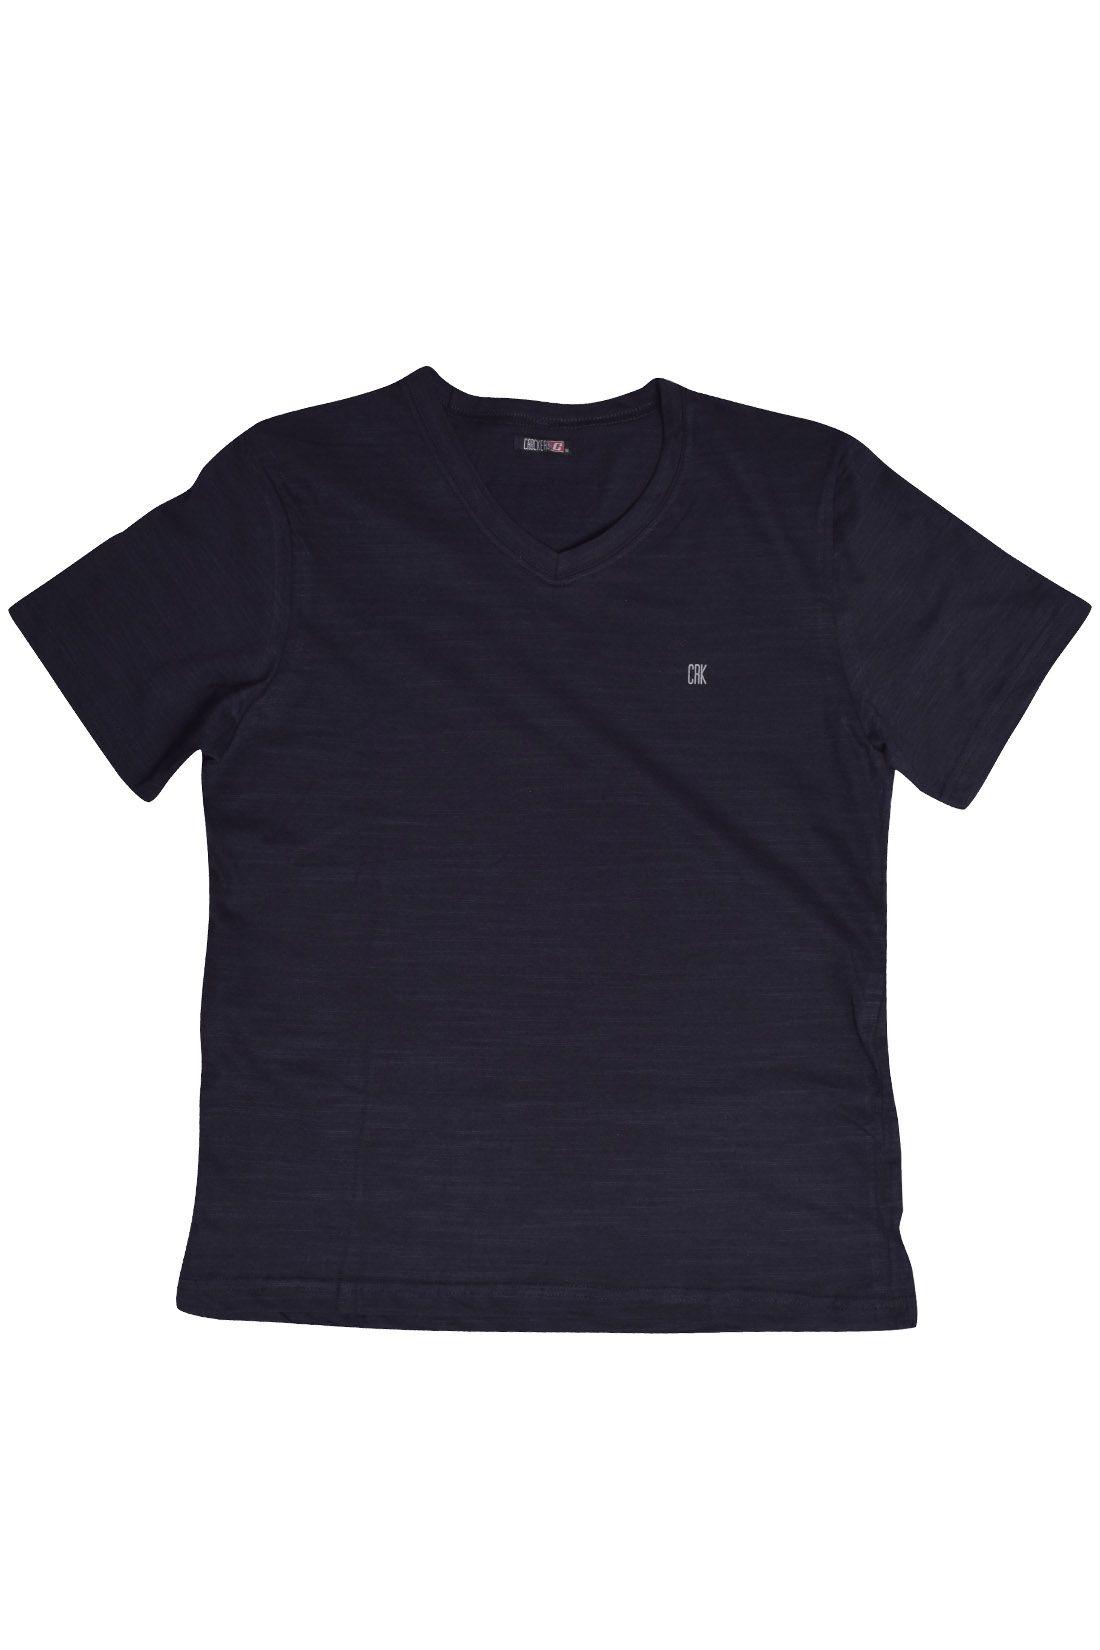 Camiseta Básica Crocker